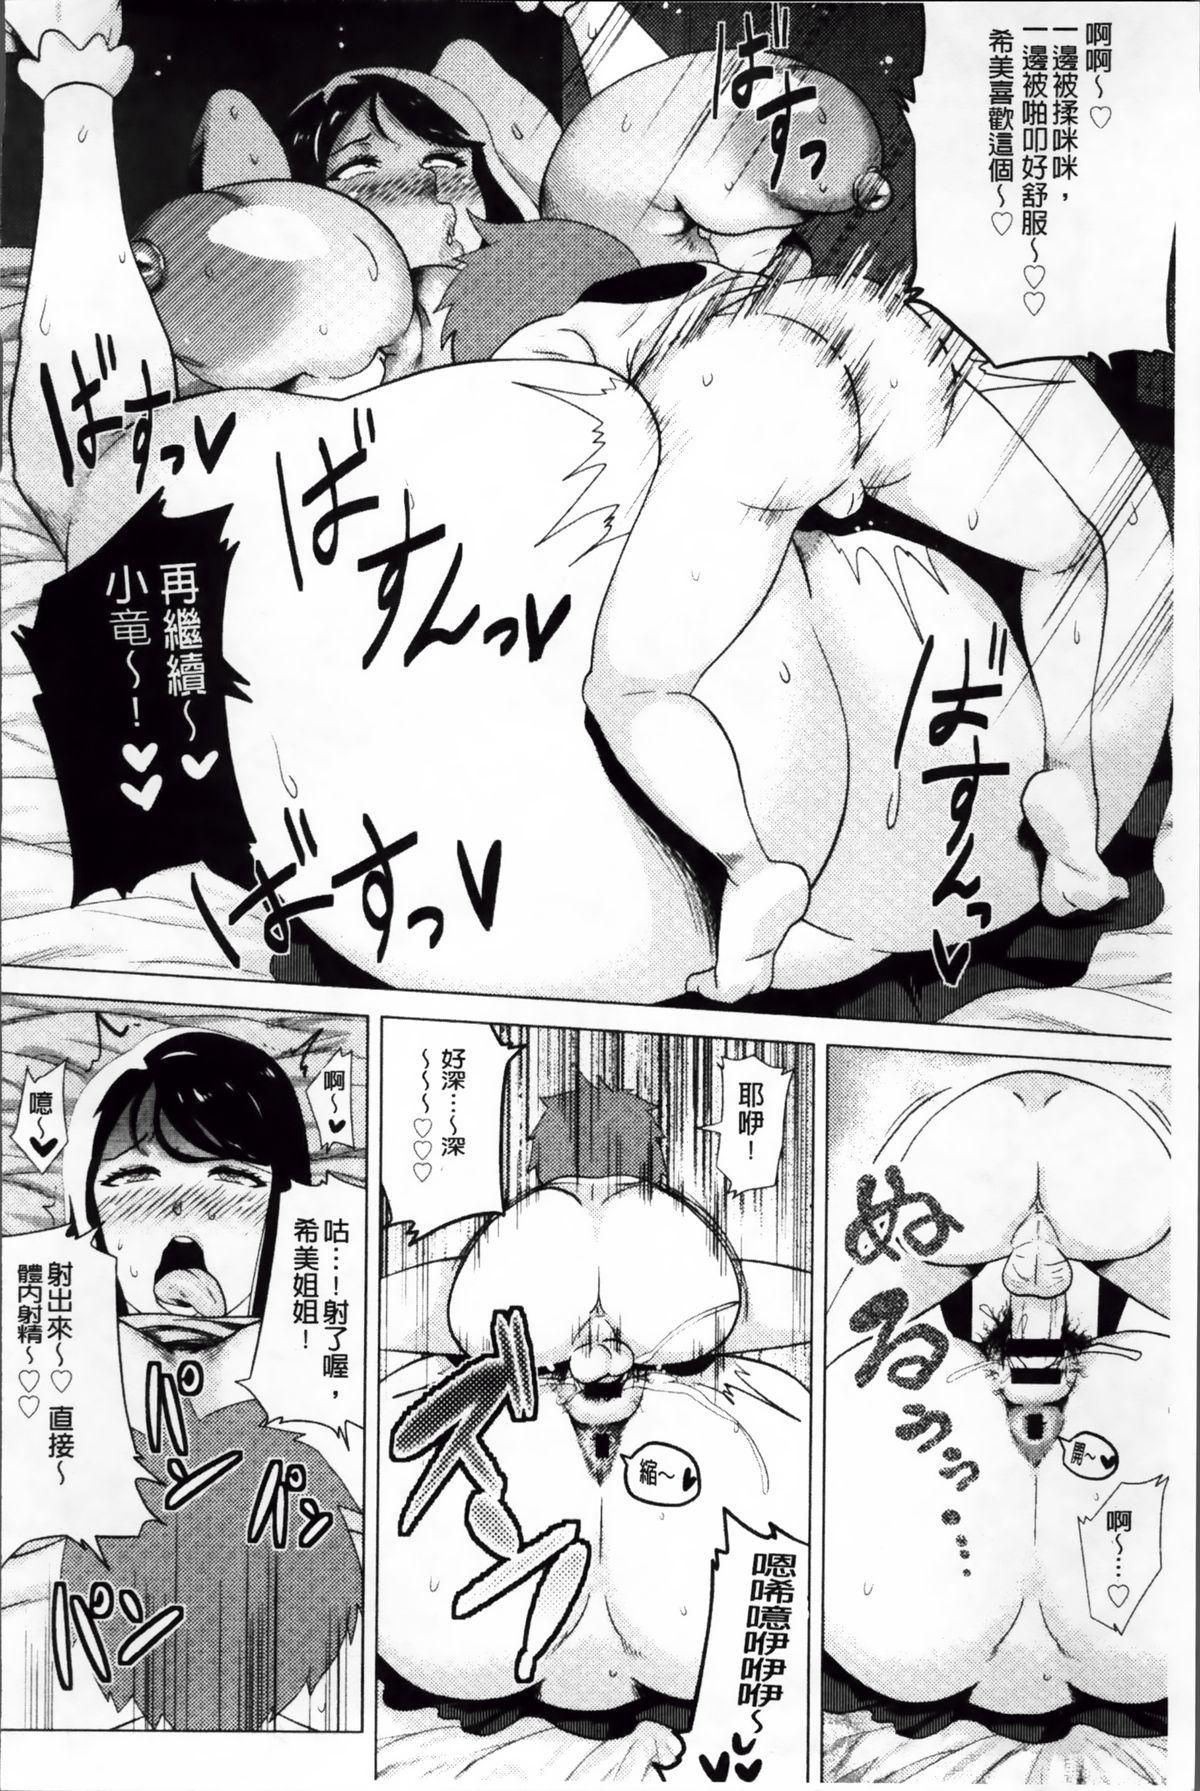 Megabody Night - Watashi no Oniku o Meshiagare 176